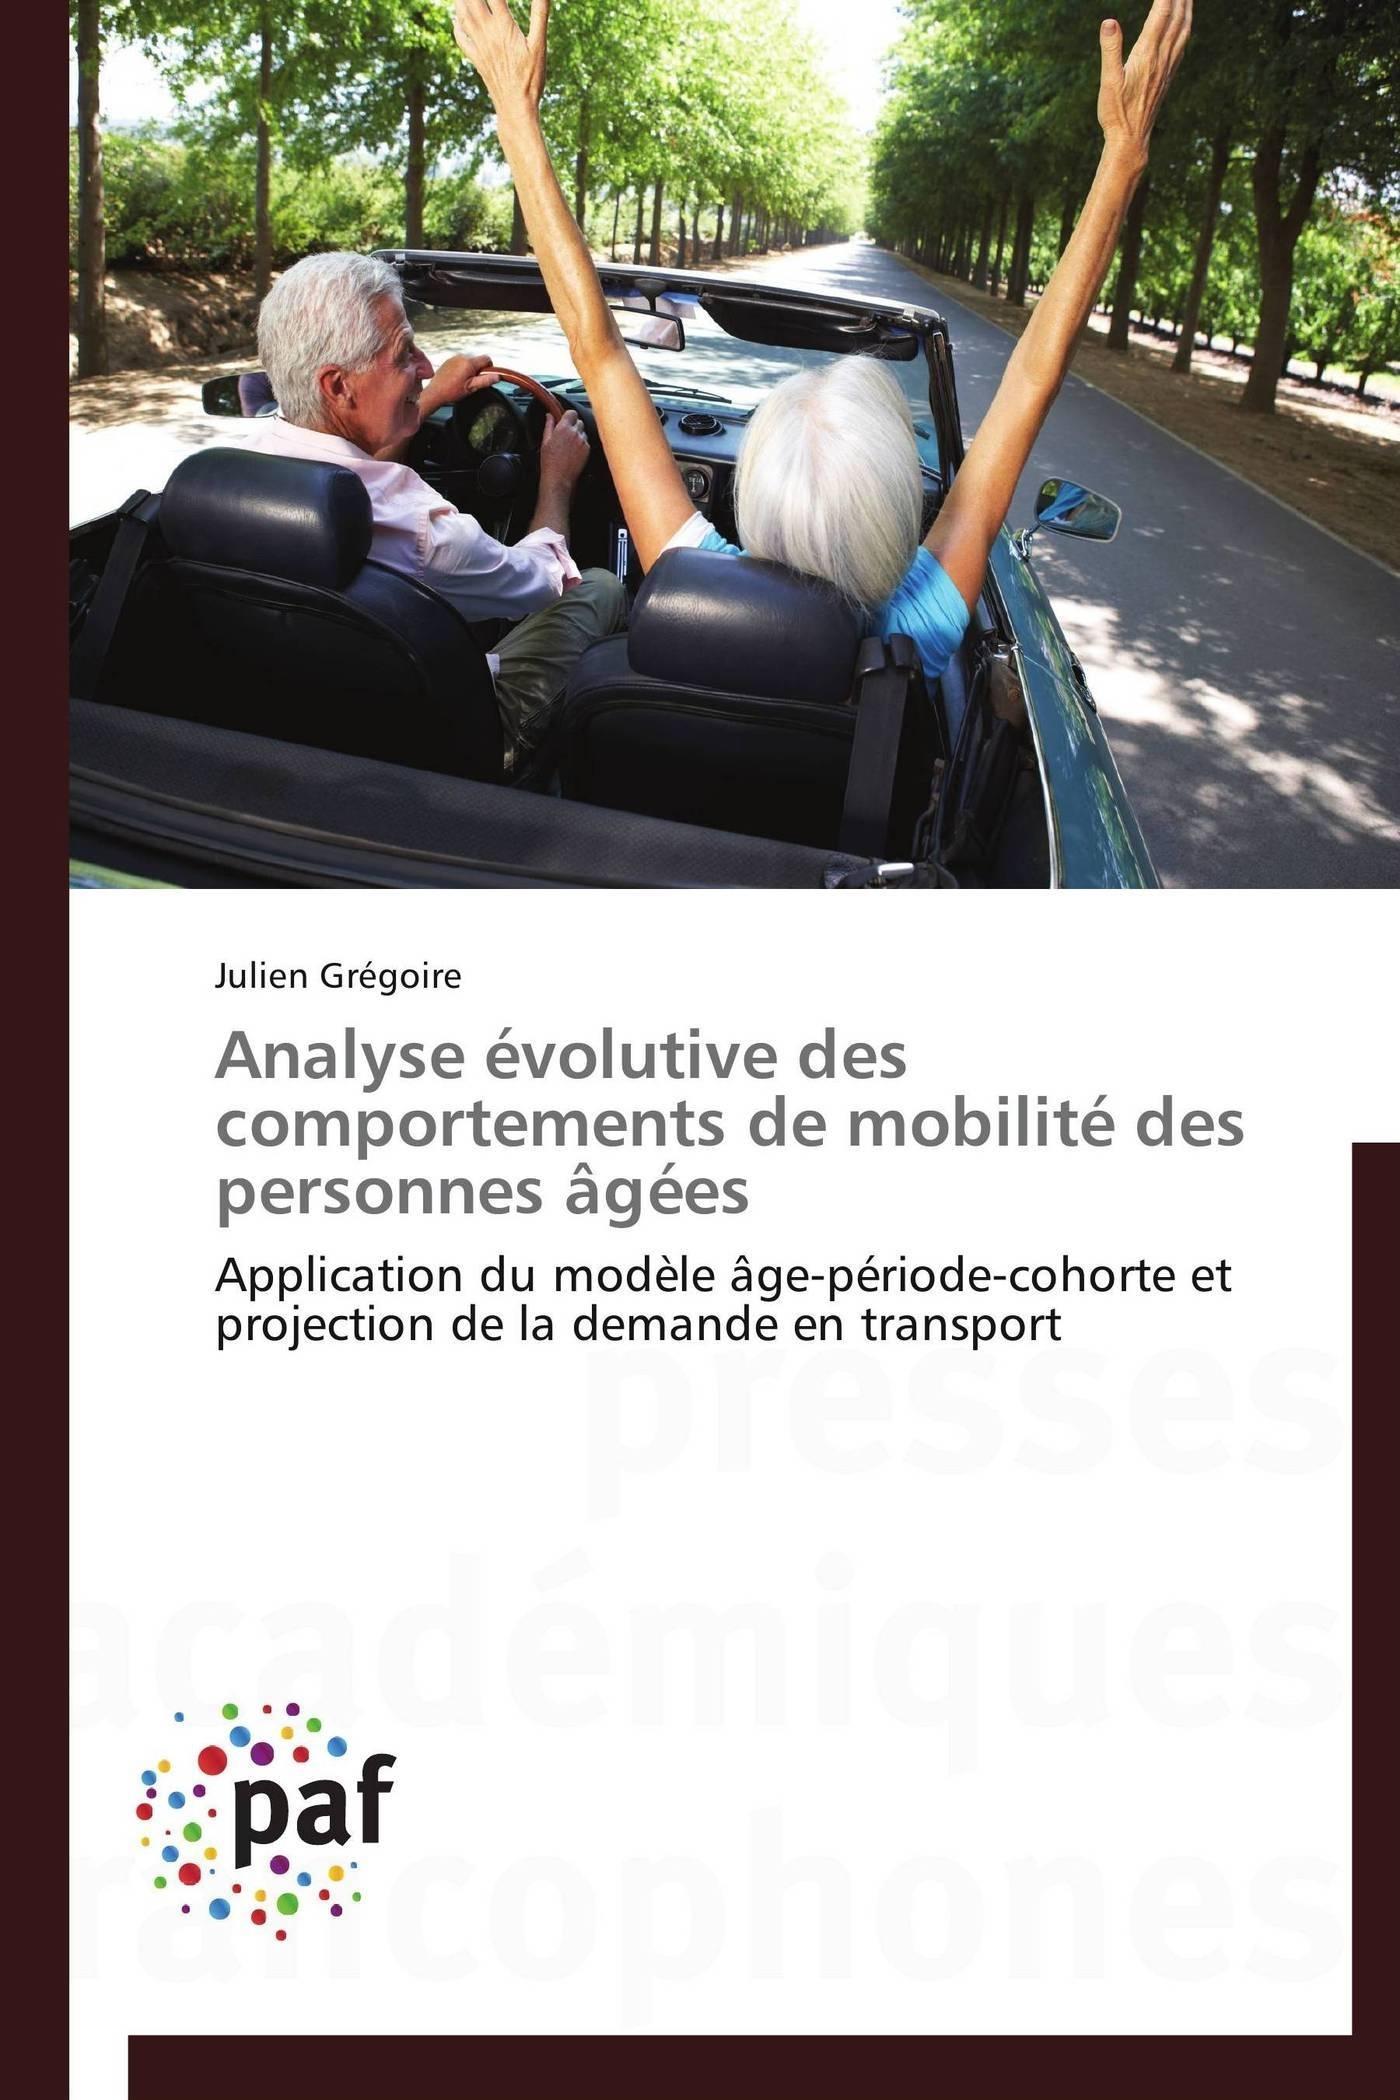 ANALYSE EVOLUTIVE DES COMPORTEMENTS DE MOBILITE DES PERSONNES AGEES